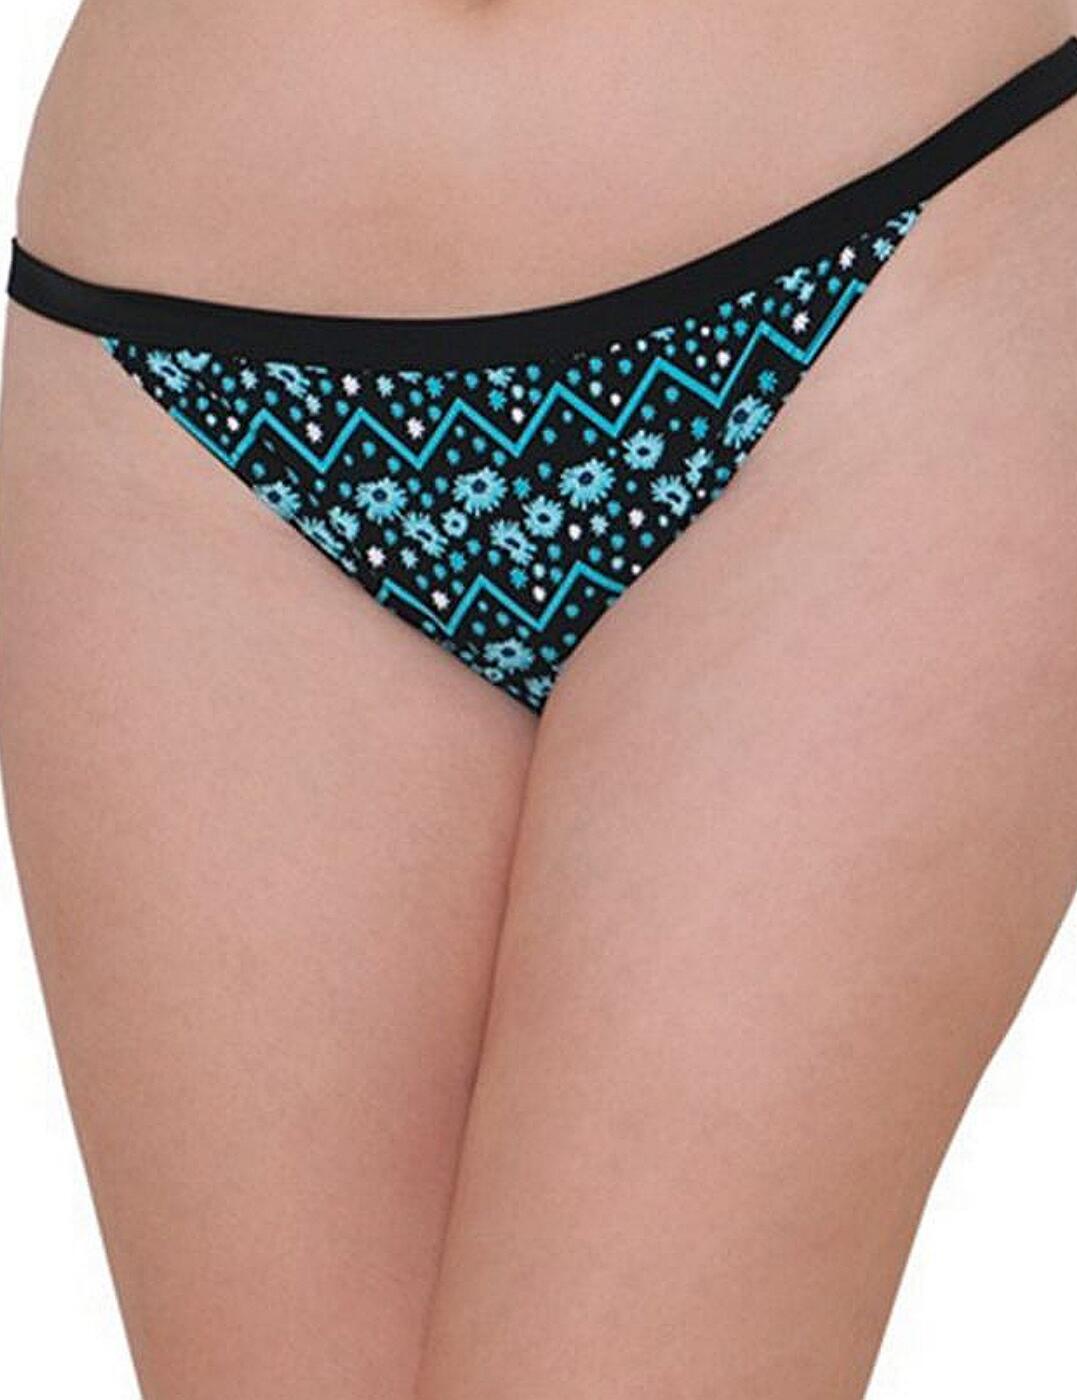 CS3805 Curvy Kate Reflex Mini Bikini Brief - CS3805 Floral Print